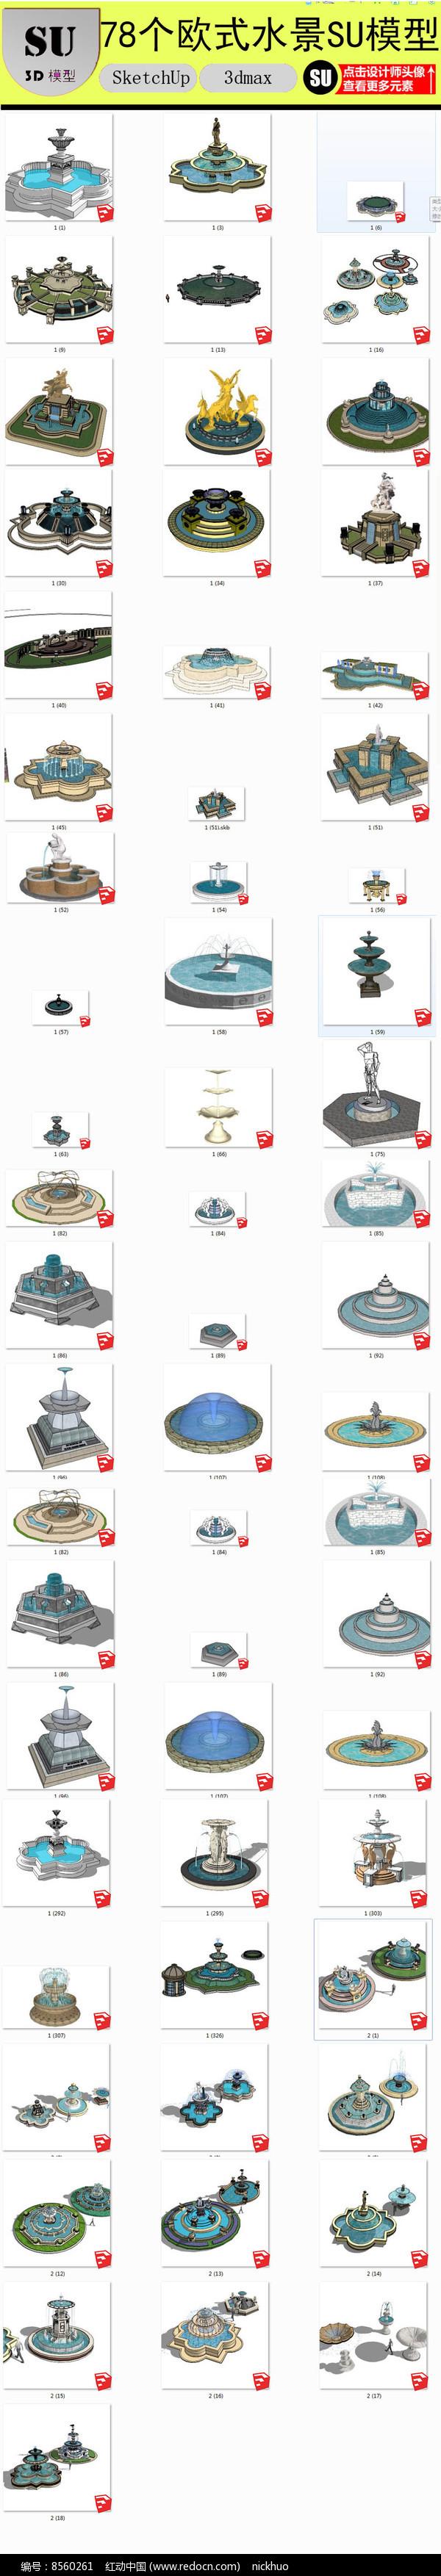 欧式园林水景喷泉水钵U模型图片